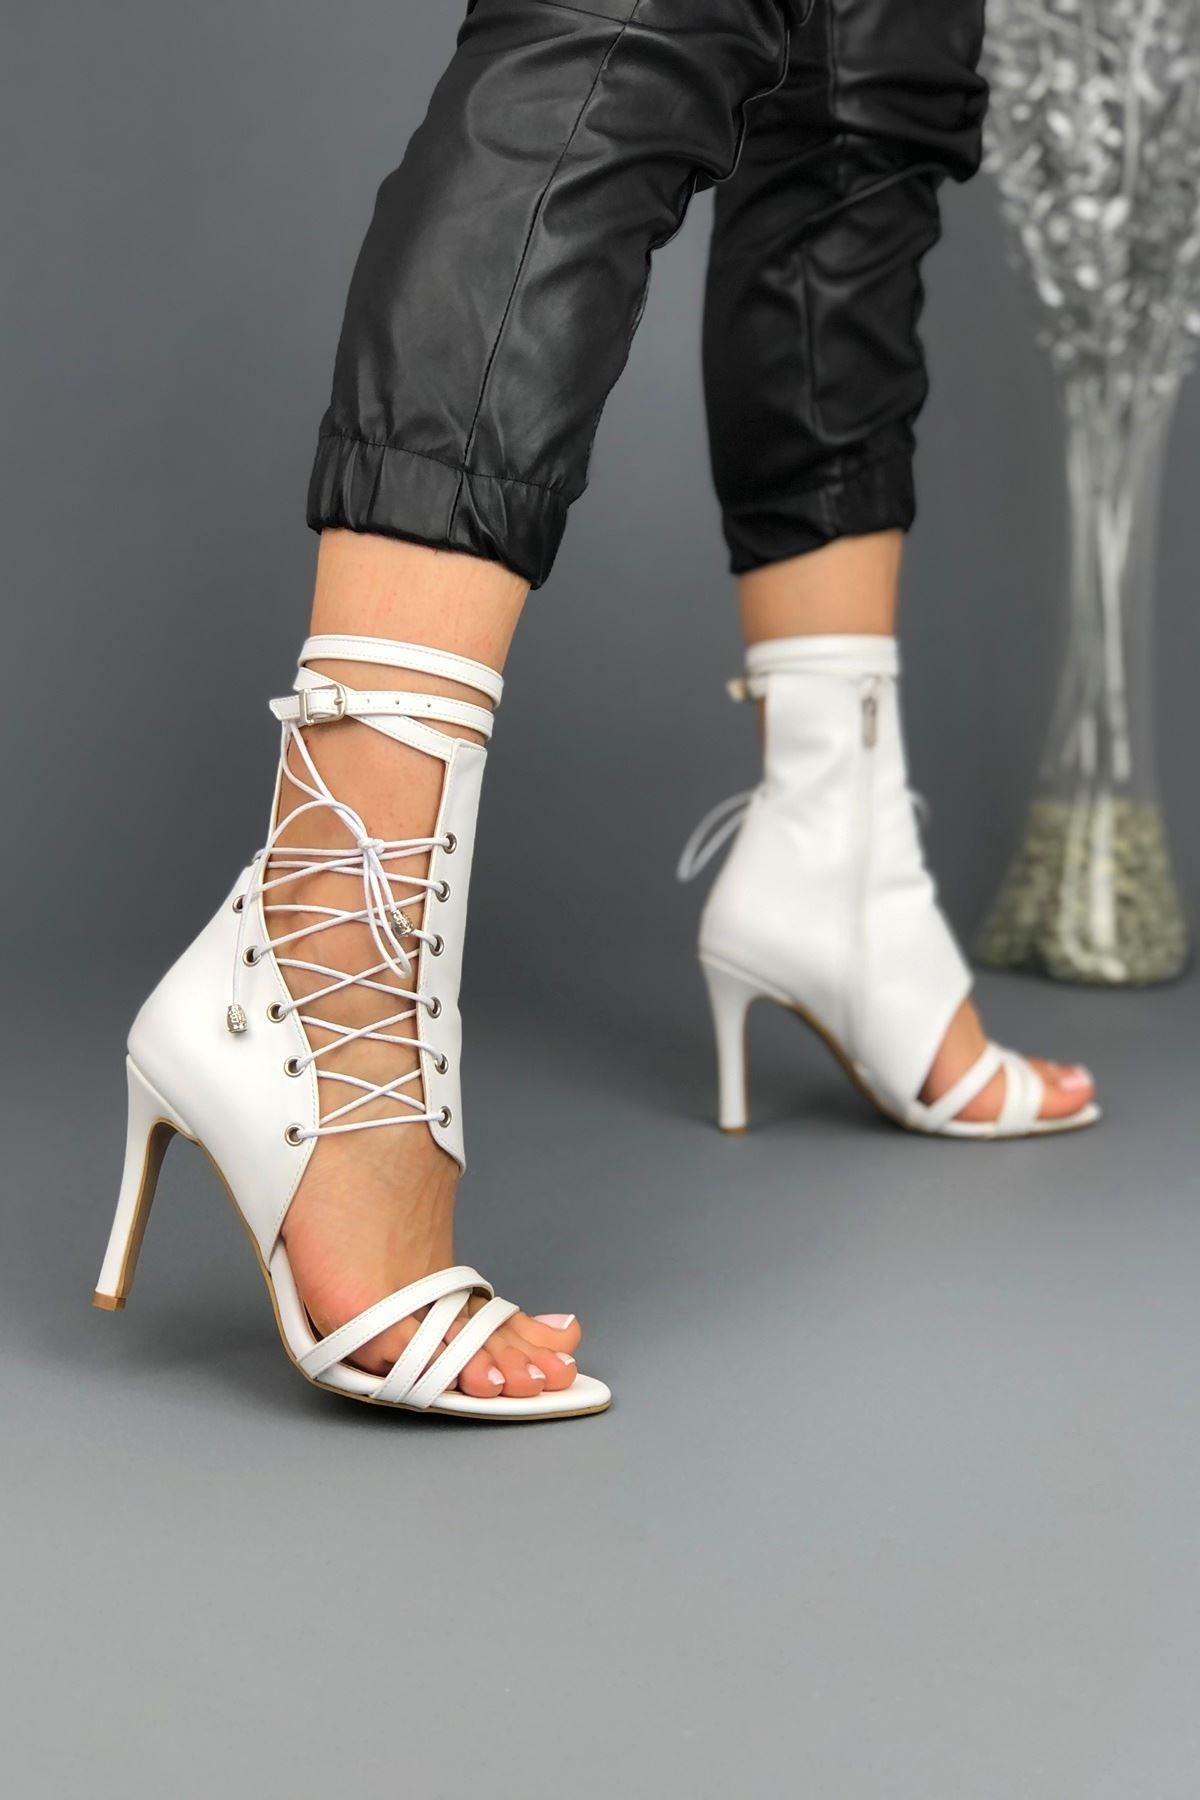 Galya Beyaz Cilt Kadın Topuklu Ayakkabı